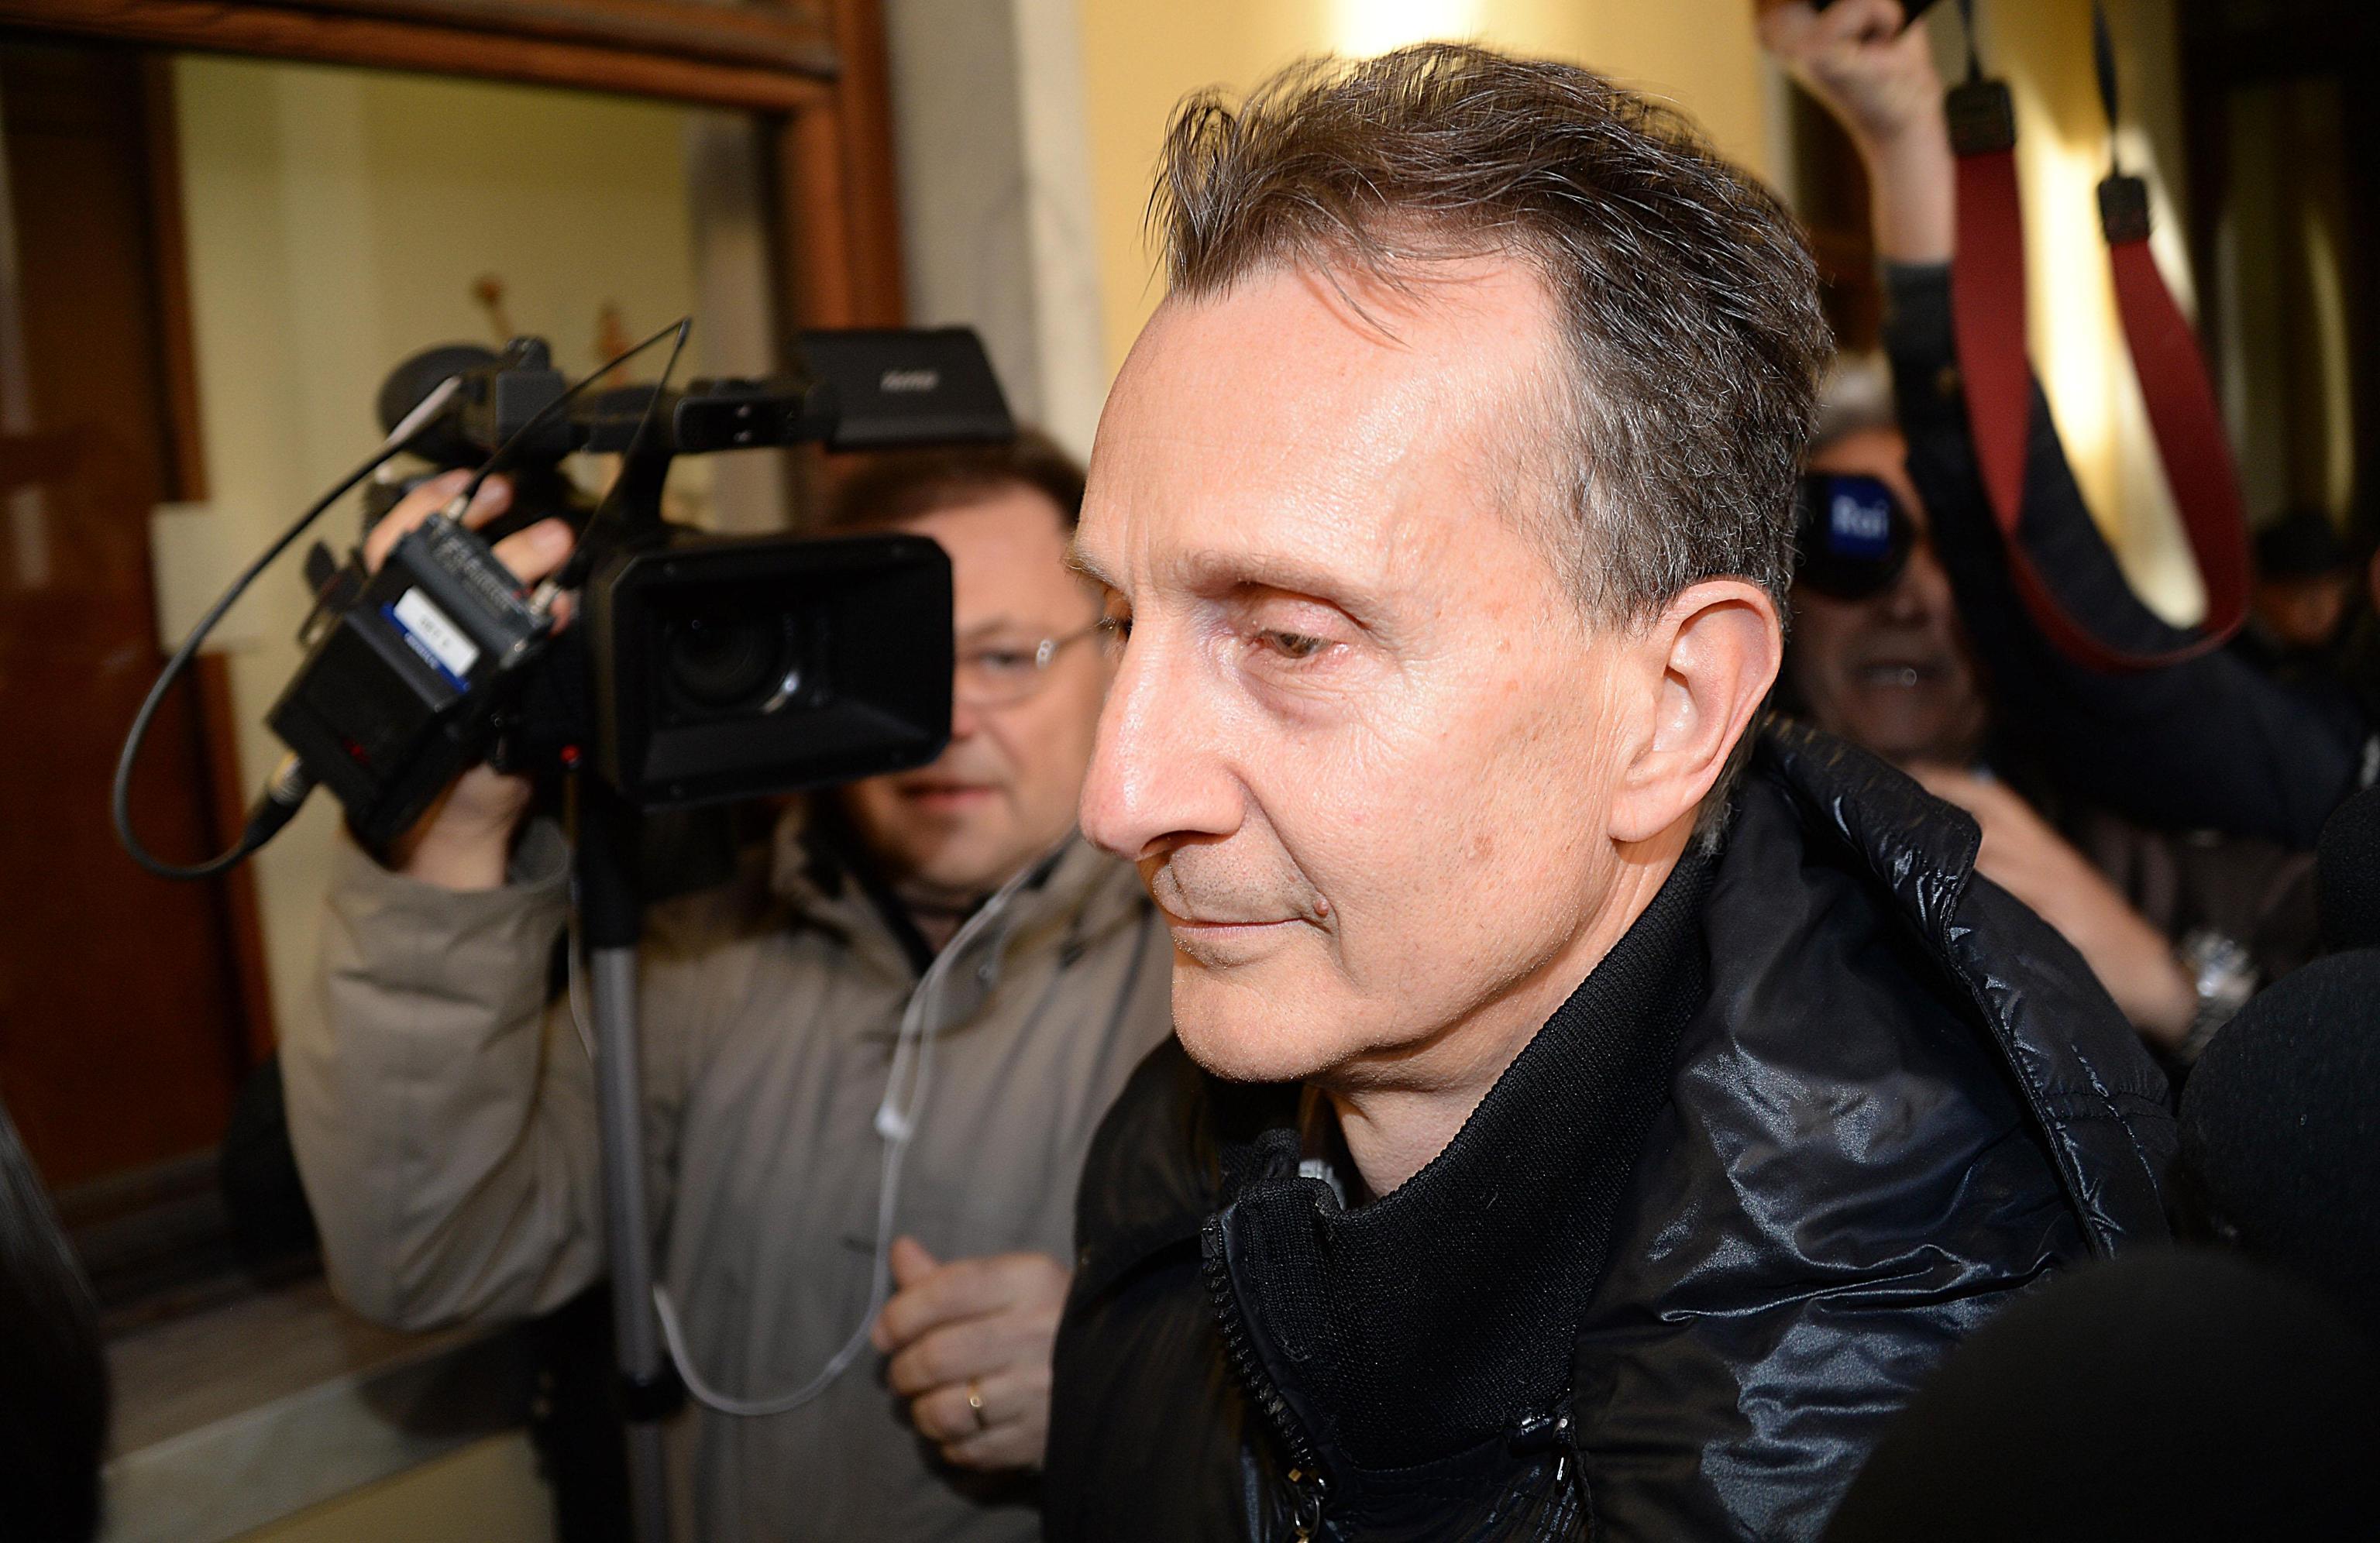 Caso Roberta Ragusa: il marito condannato a 20 anni di carcere per omicidio